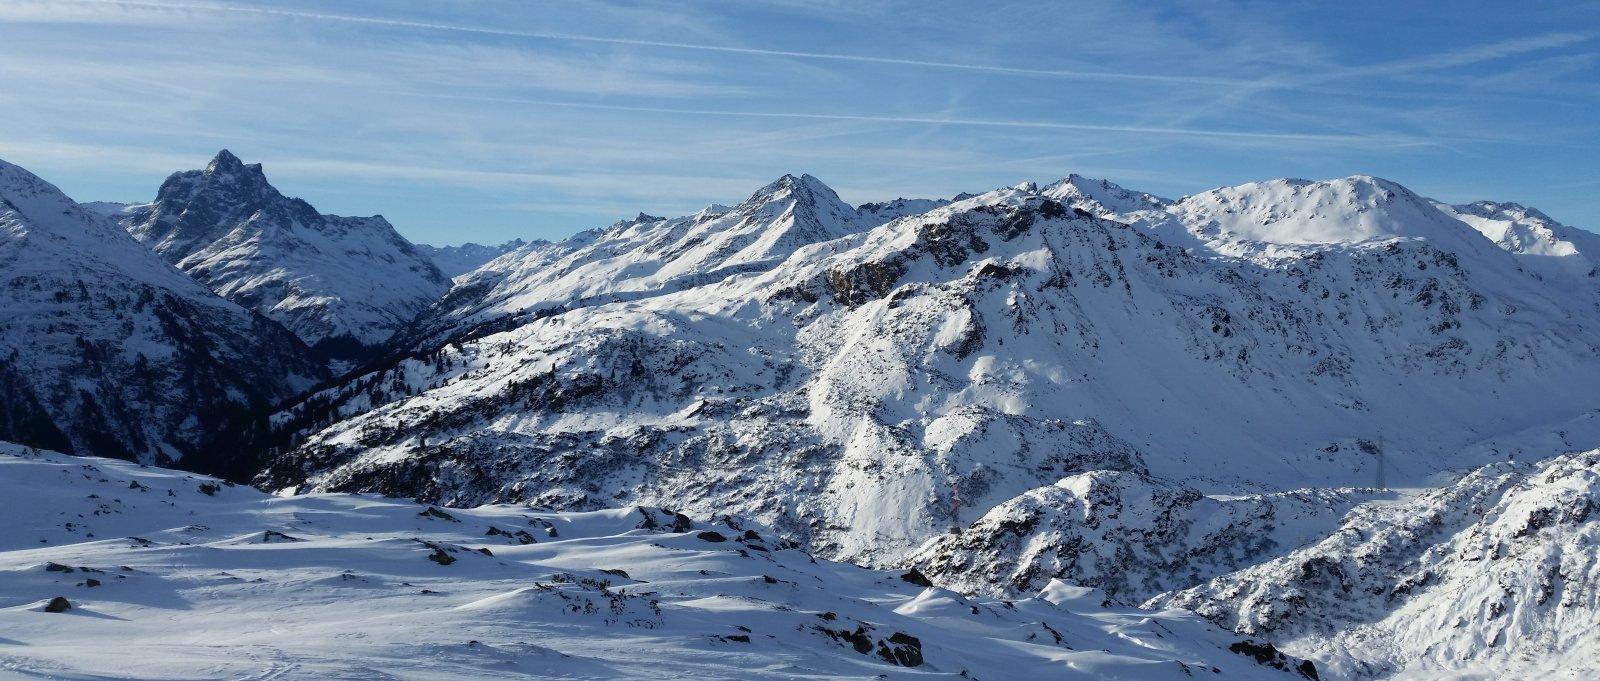 skifahren-alpen-bayern-oesterreich-berge